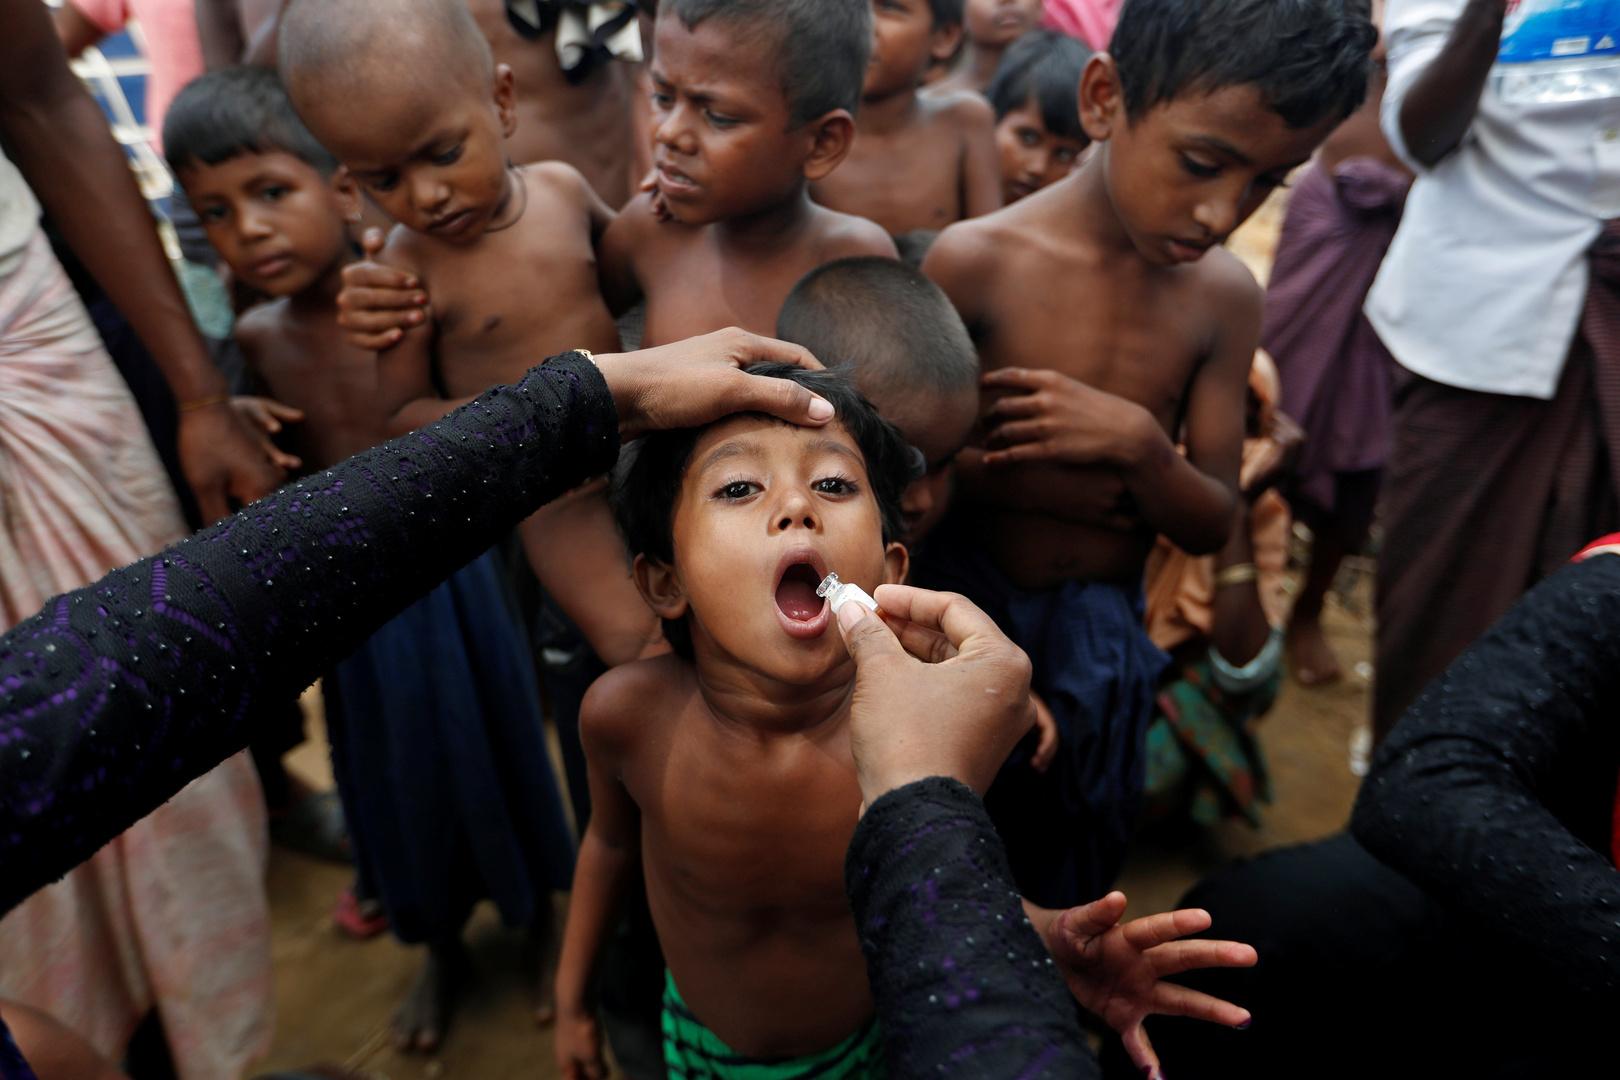 التطعيم ضد الكوليرا عبر لقاح الكوليرا الفموي